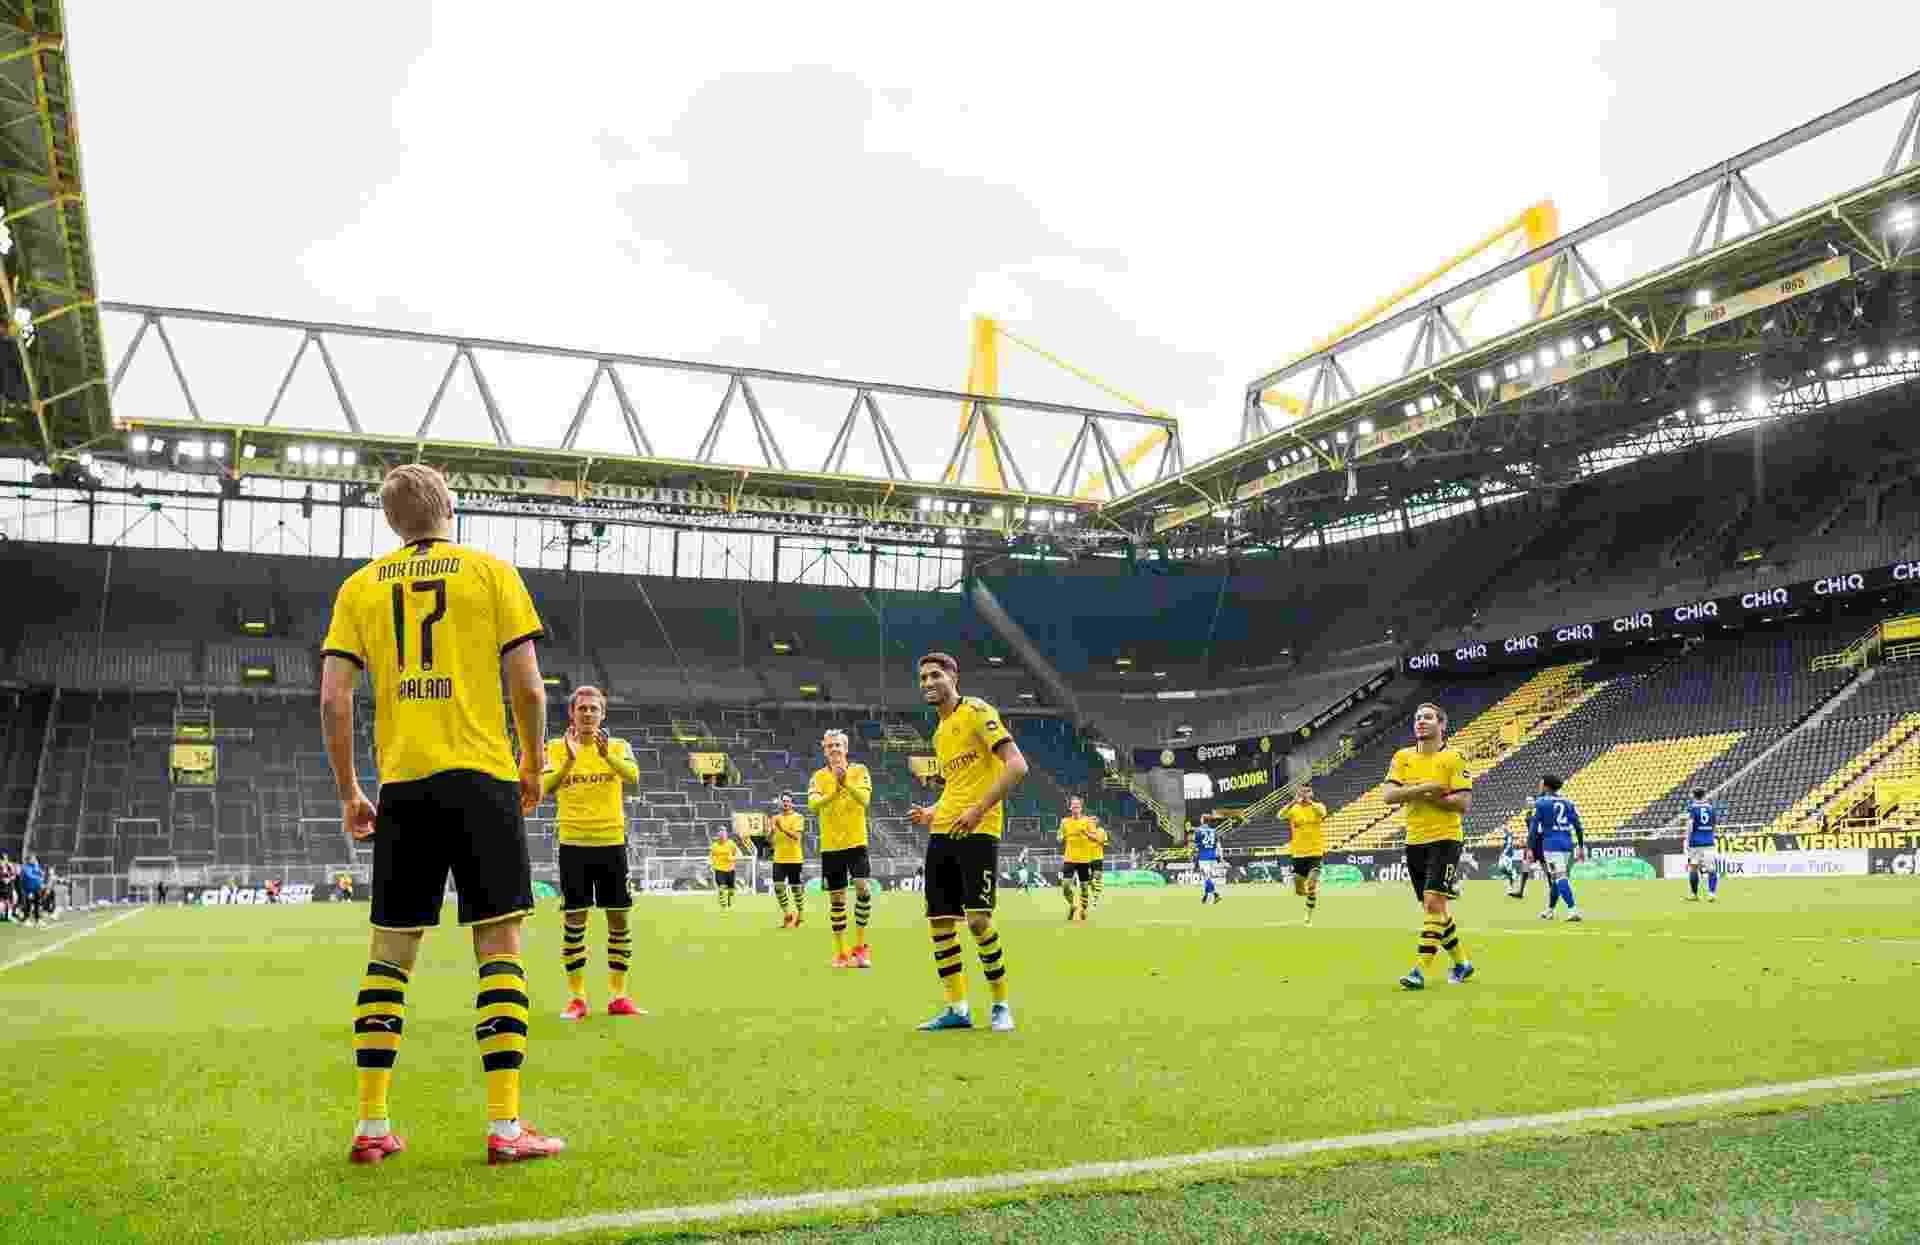 16.mai.2020 - Haaland comemora gol sobre o Schalke 04 respeitando o protocolo de distanciamento na volta do Campeonato Alemão - Reprodução/Twitter/Borussia Dortmund